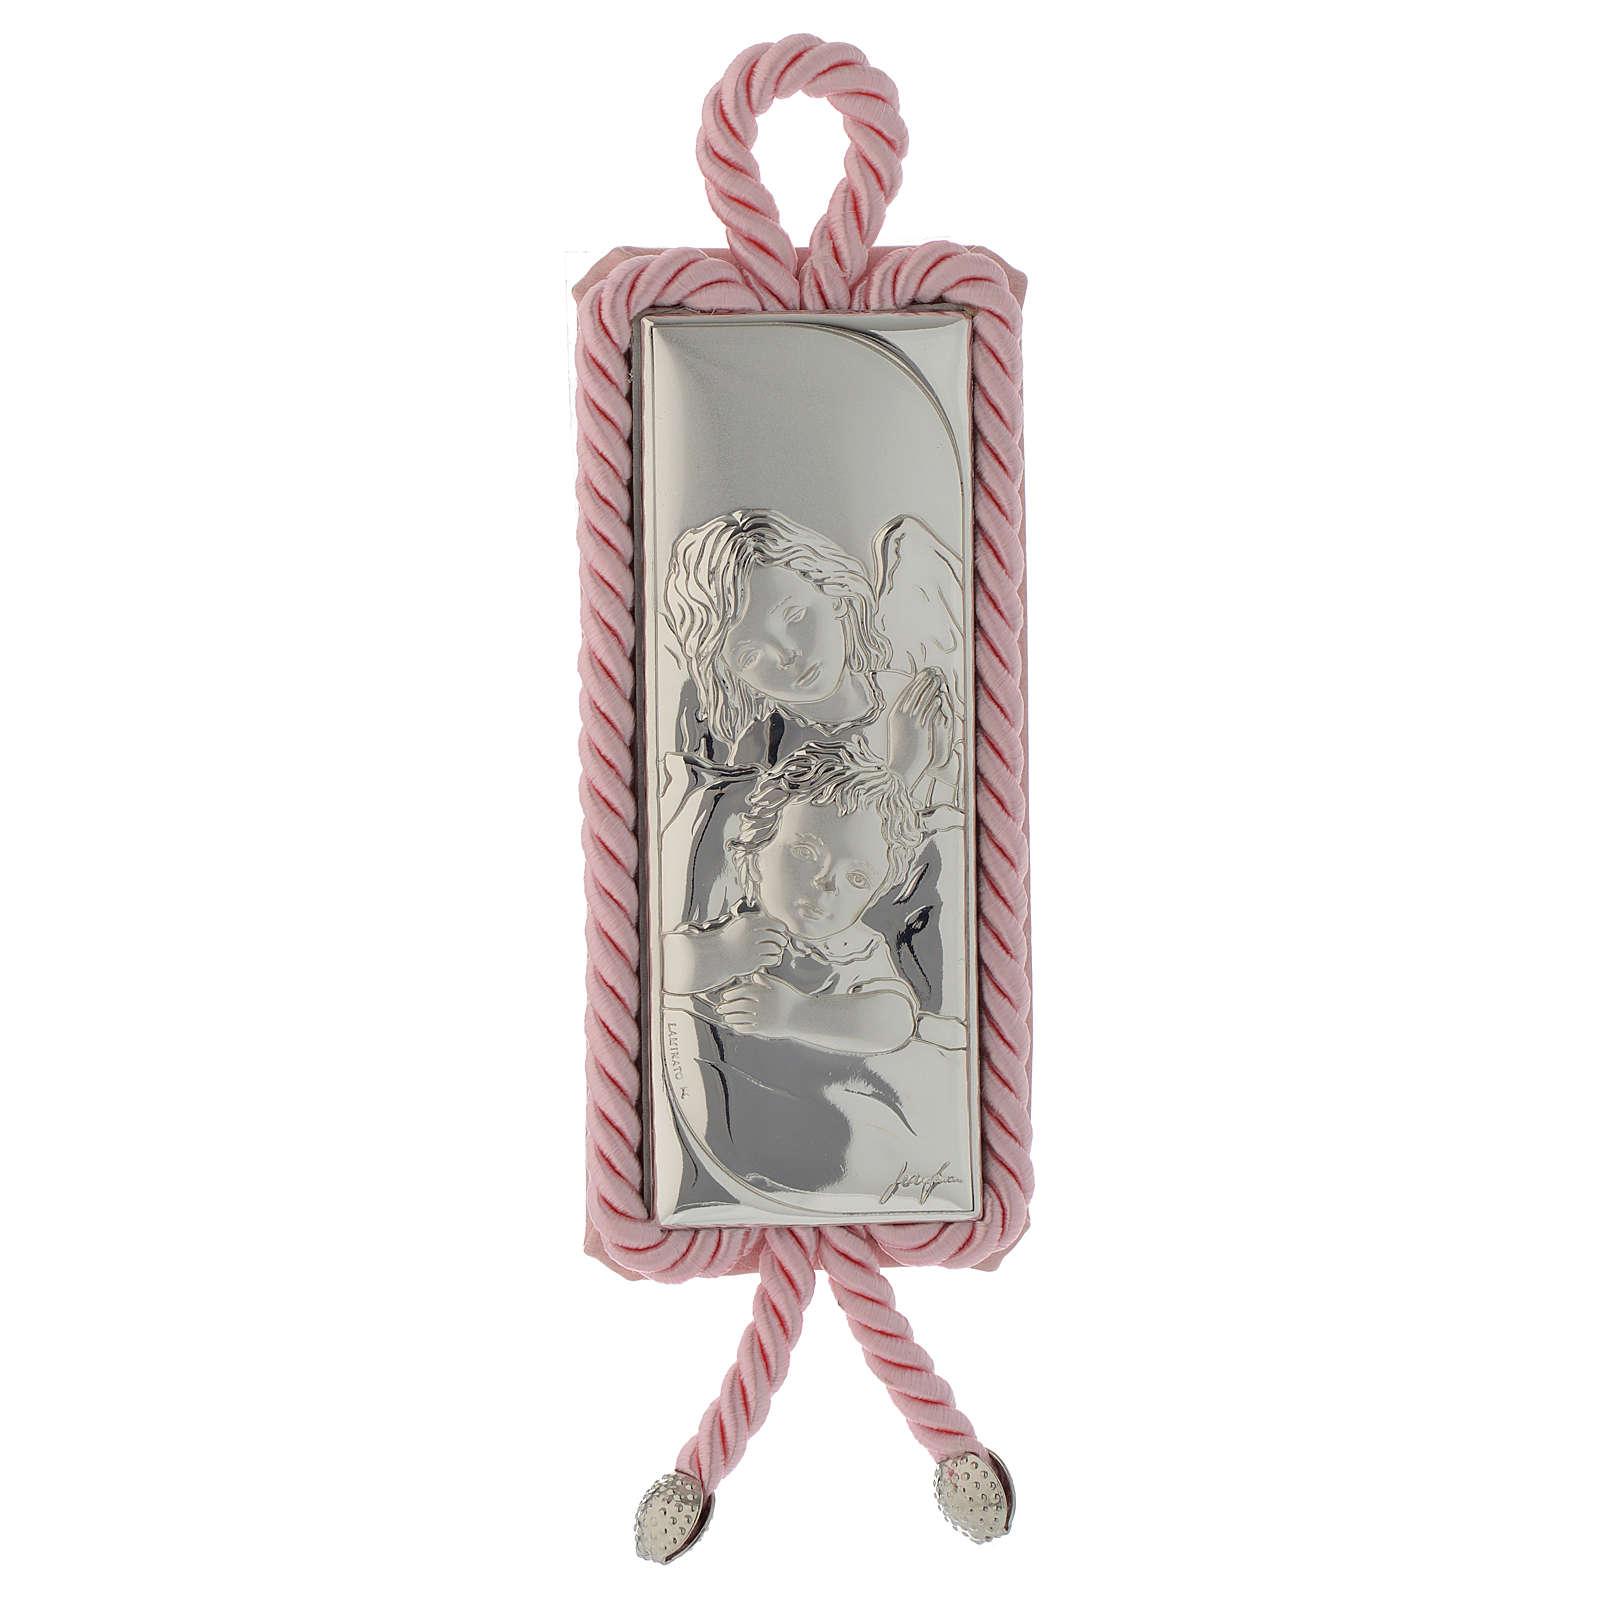 Capoculla rettangolare Argento e stoffa Angioletto rosa 4